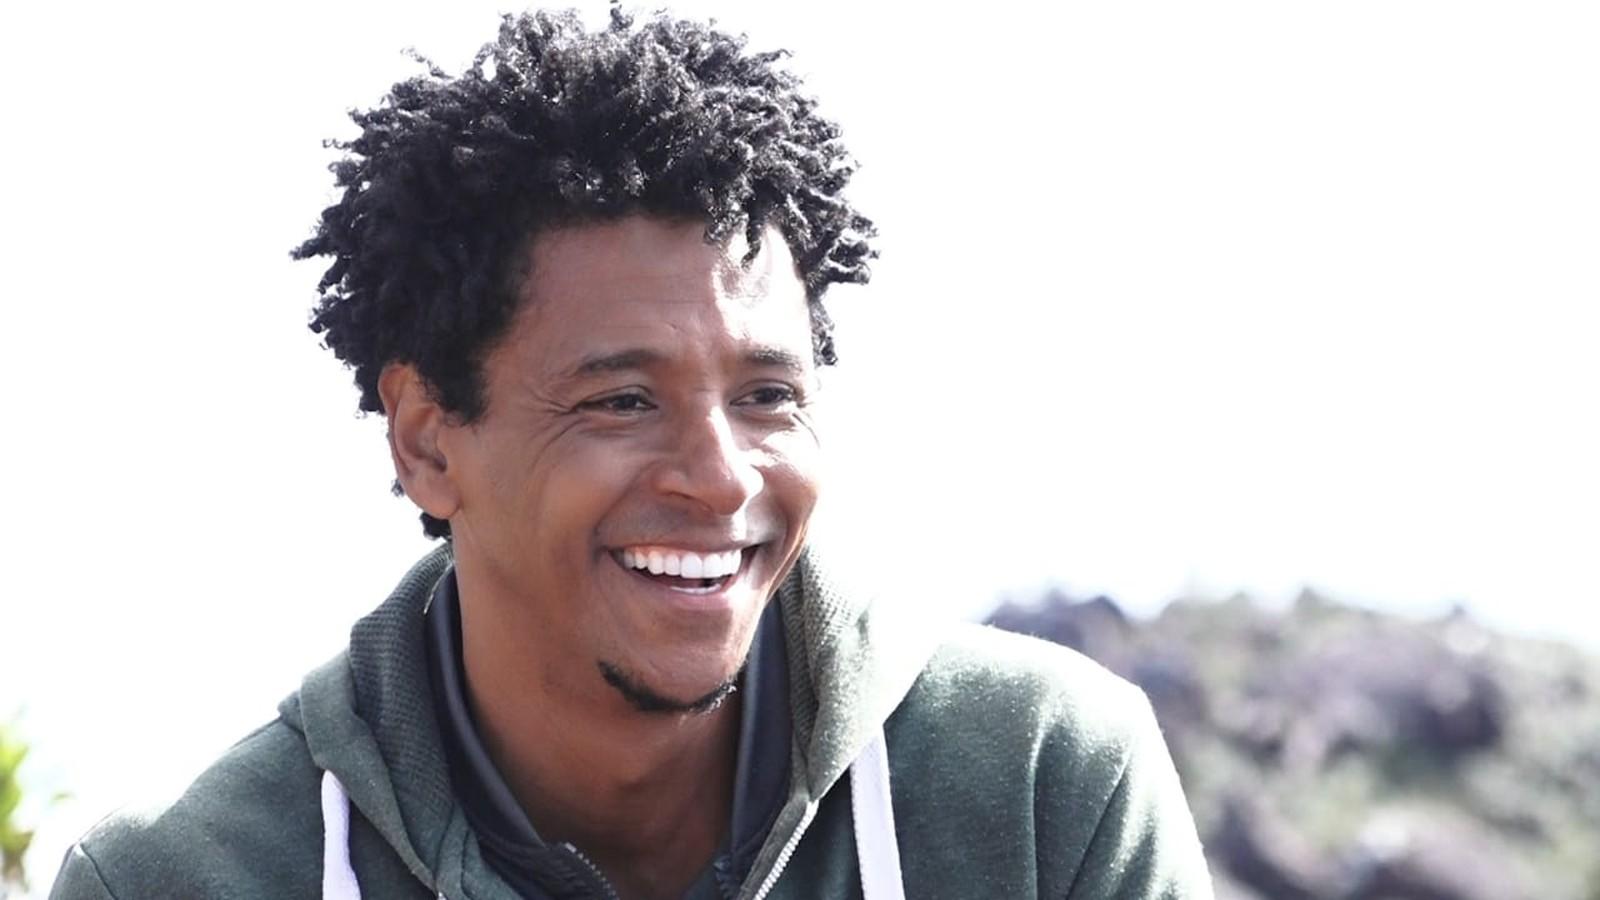 Aldri Nascimento - homem negro de cabelo crespo, usando moletom cinza- sentado ao ar livre sorrindo